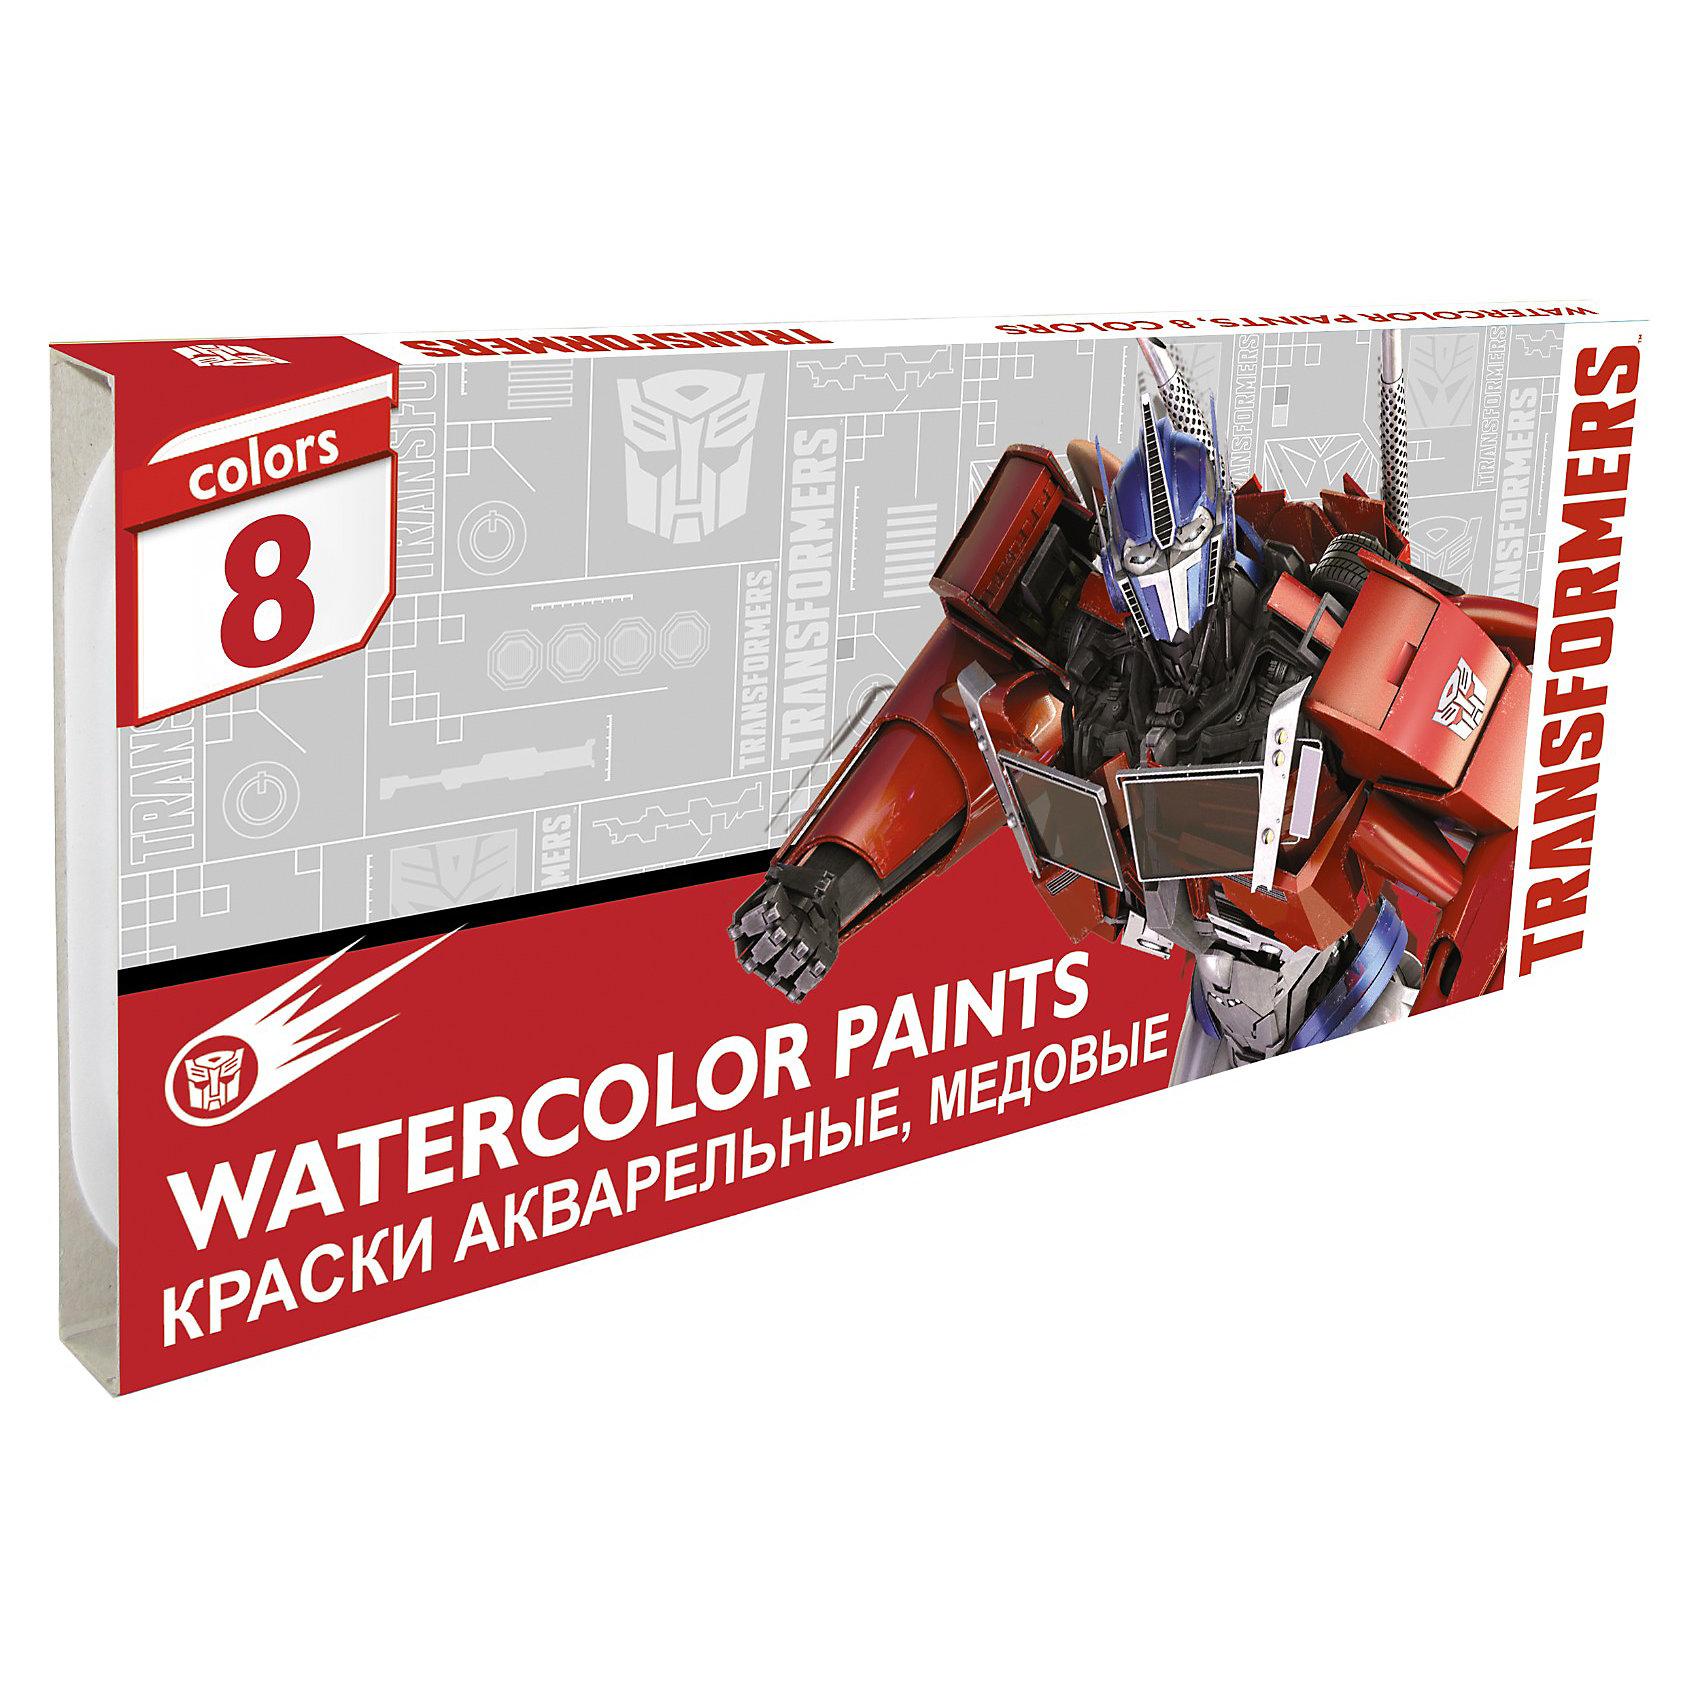 Краски акварельные (медовые, 8 цветов), ТрансформерыАкварельные краски Transformers (Трансформеры) хорошо подойдут как для школьных занятий так и для детского творчества в свободное время. В наборе 8 акварельных медовых красок, упакованных в коробочку с изображением персонажей популярного мультсериала Трансформеры.<br><br>Дополнительная информация:<br><br>- Размер упаковки: 12 х 7,5 х 1 см.<br>- Вес: 35 гр.<br><br>Краски акварельные (медовые), 8 шт. Transformers можно купить в нашем интернет-магазине.<br><br>Ширина мм: 120<br>Глубина мм: 75<br>Высота мм: 10<br>Вес г: 160<br>Возраст от месяцев: 96<br>Возраст до месяцев: 108<br>Пол: Мужской<br>Возраст: Детский<br>SKU: 3563175